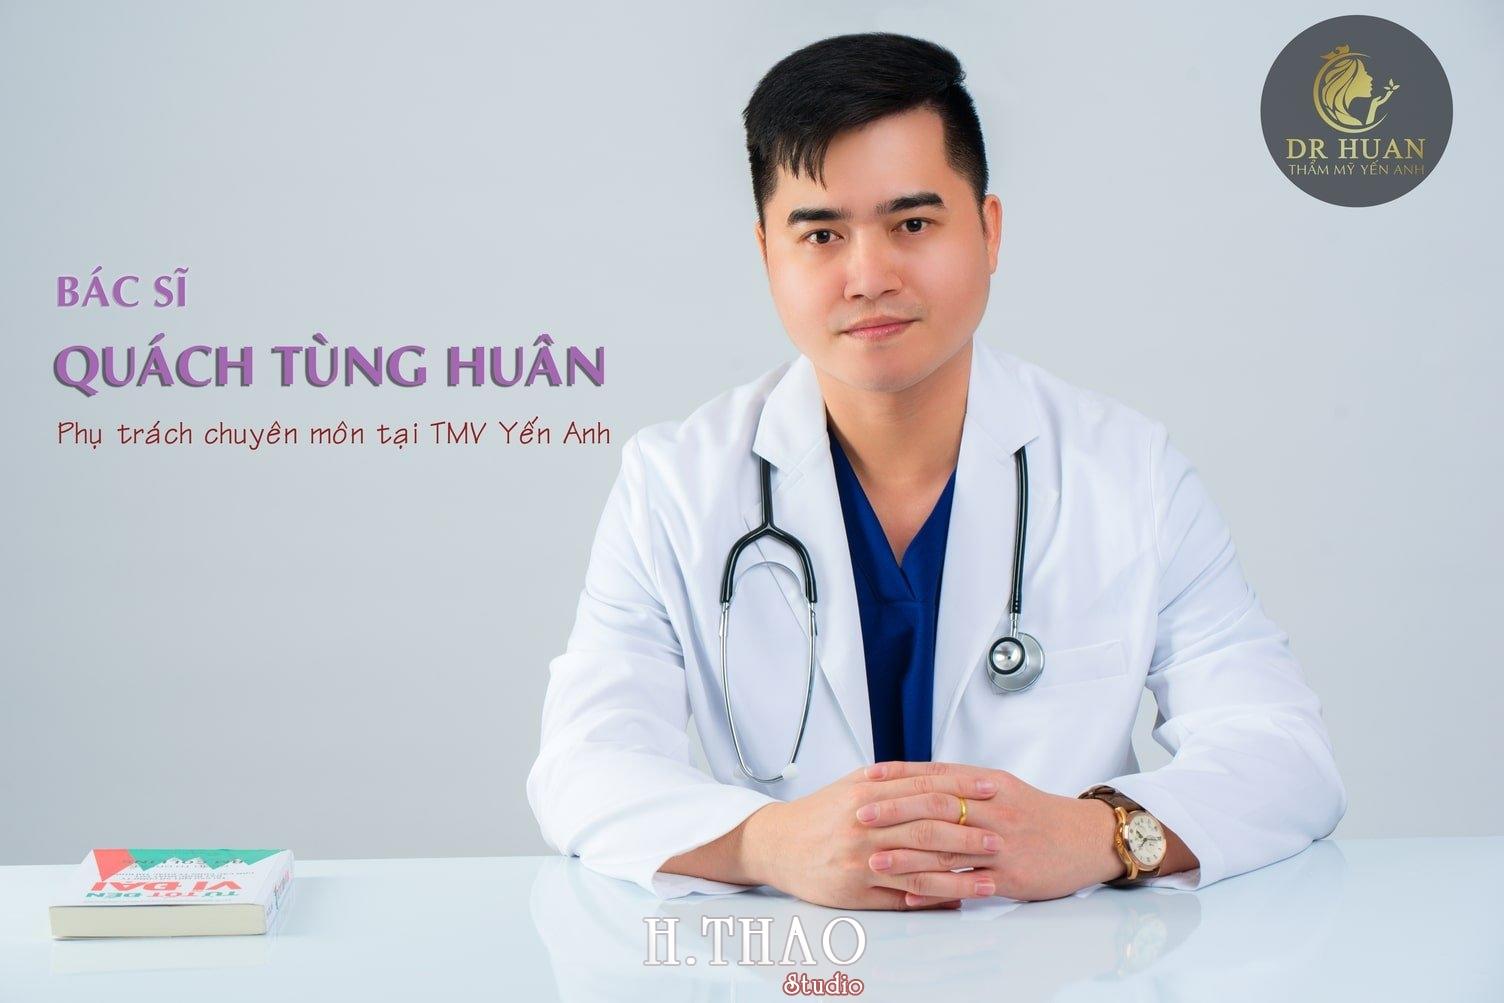 Anh Doanh nhan 47 - Báo giá chụp ảnh doanh nhân